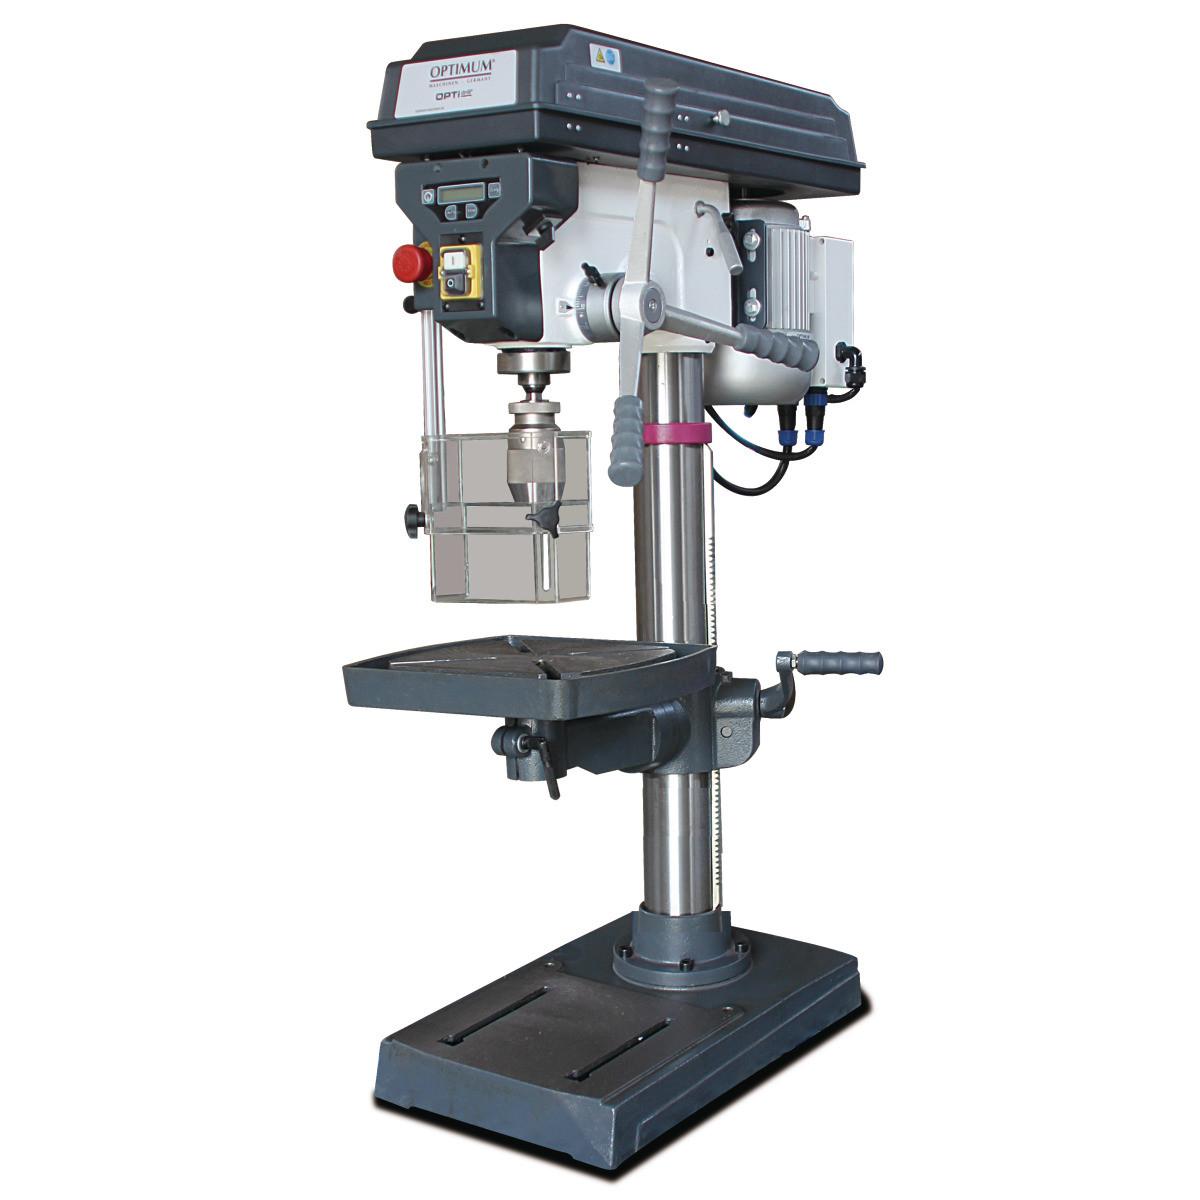 Сверлильный станок OPTIdrill B 17PRO basic (230V)